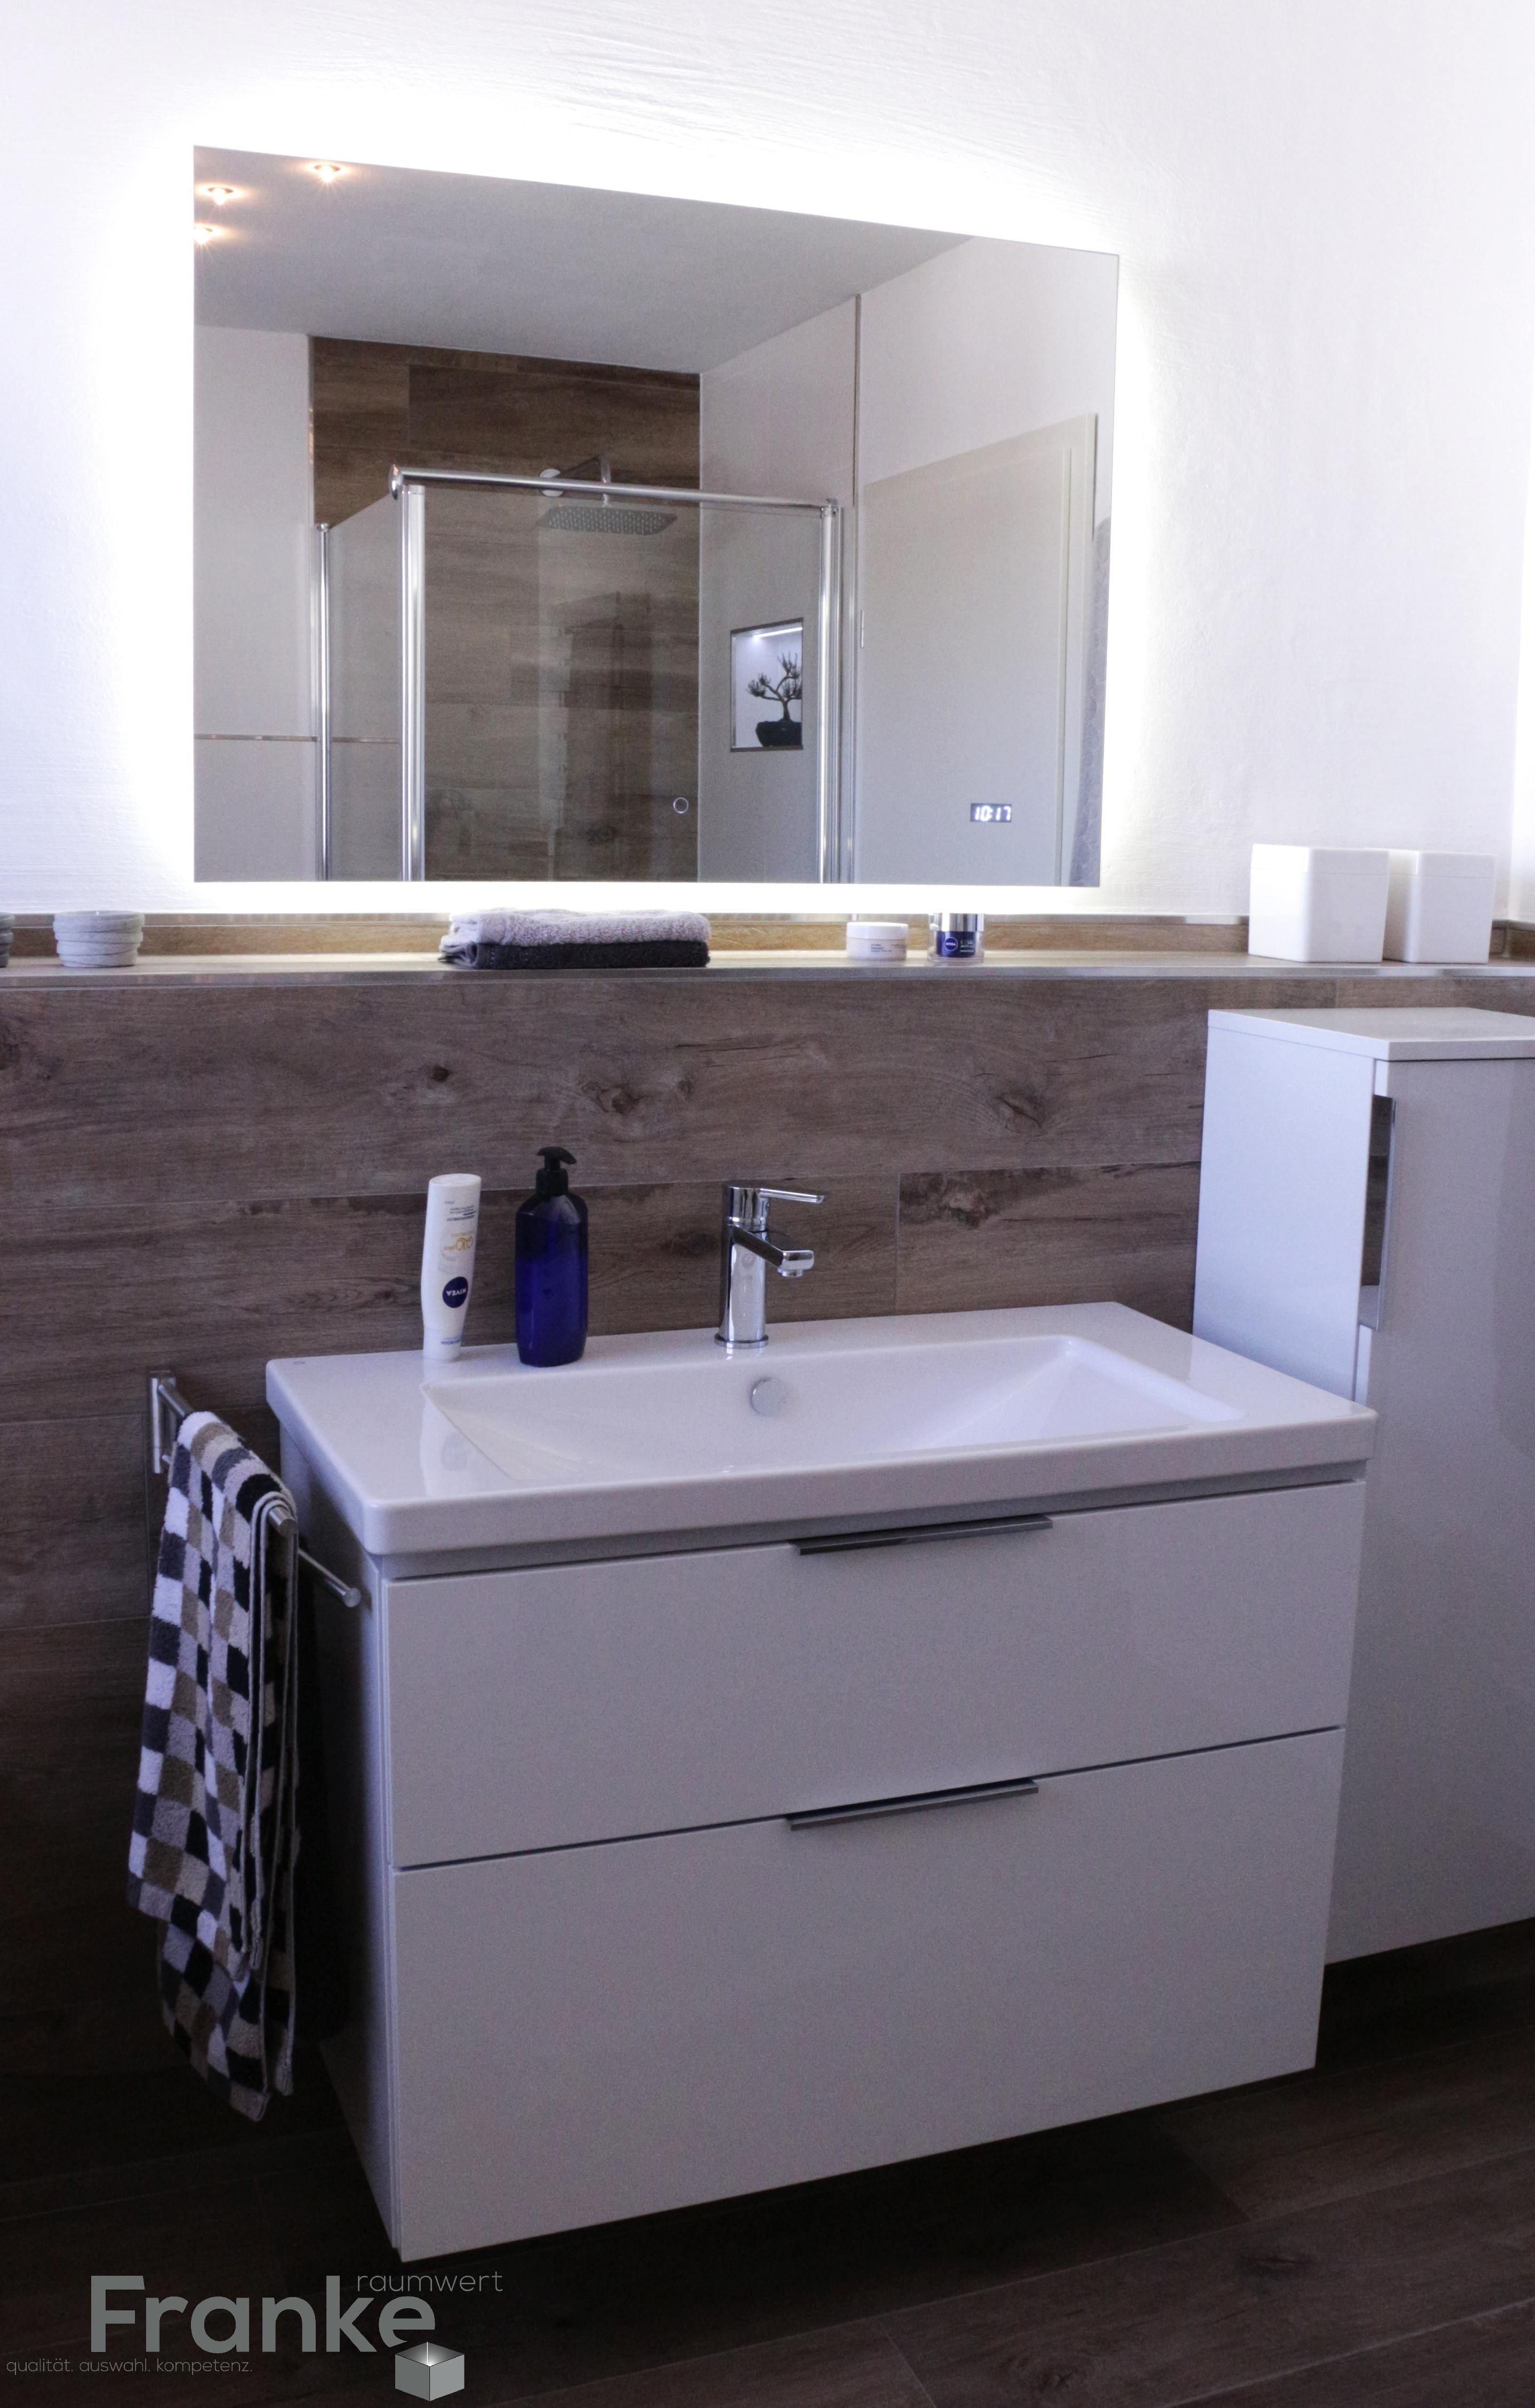 lichtspiegel mit einer waschtischkombination von burgbad waschtisch. Black Bedroom Furniture Sets. Home Design Ideas